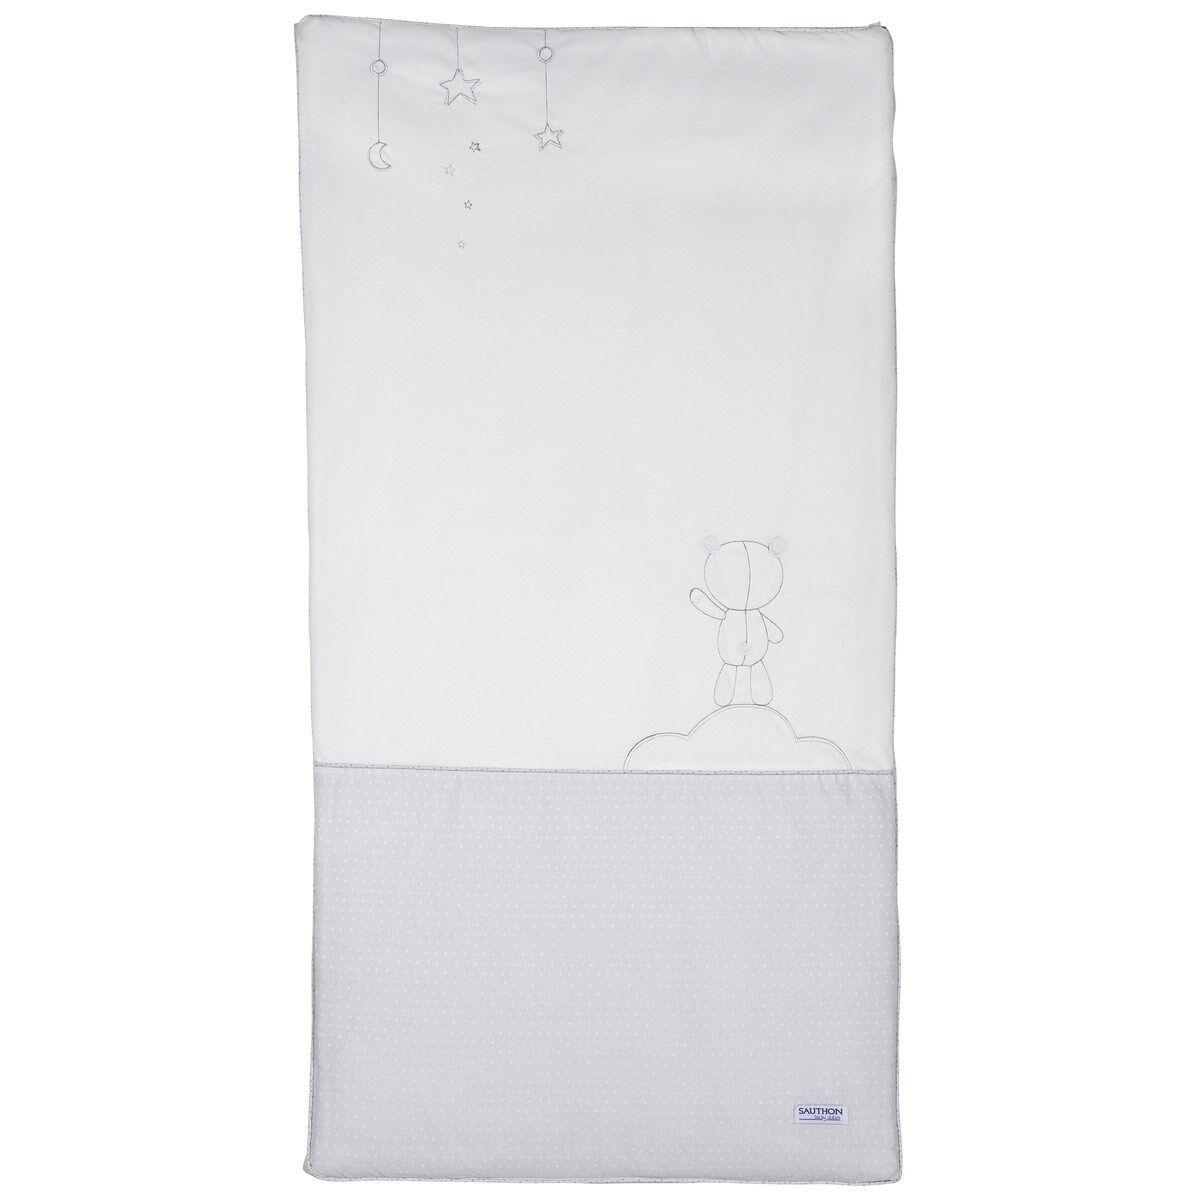 Sauthon Edredon pour lit bébé 120x60 en coton polyurethane blanc